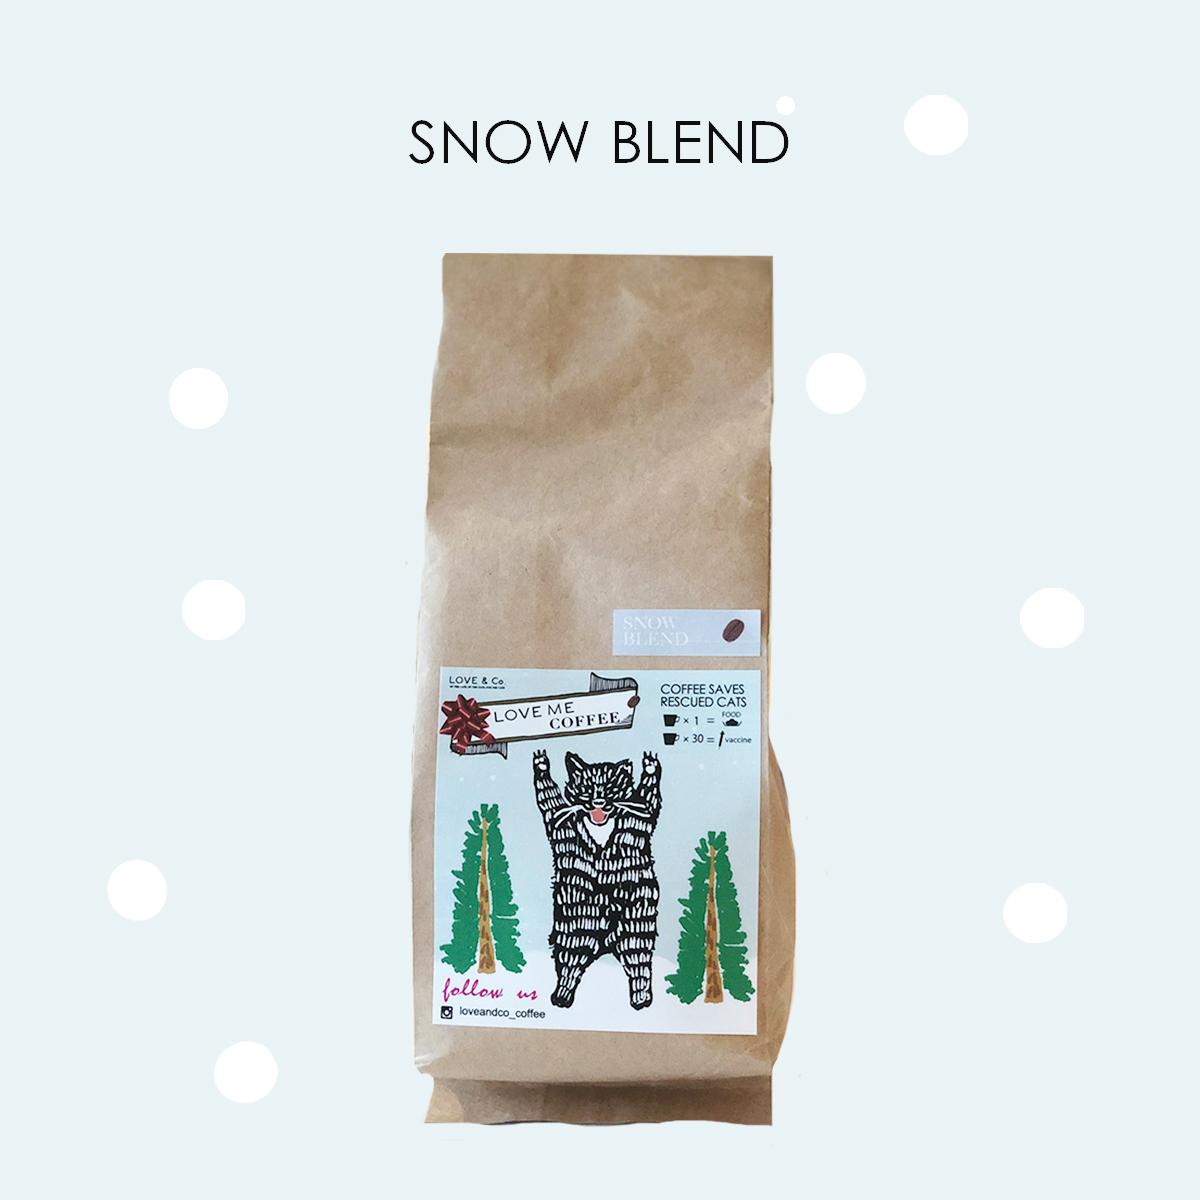 コーヒー豆 スノーブレンド 【冬季限定】画像